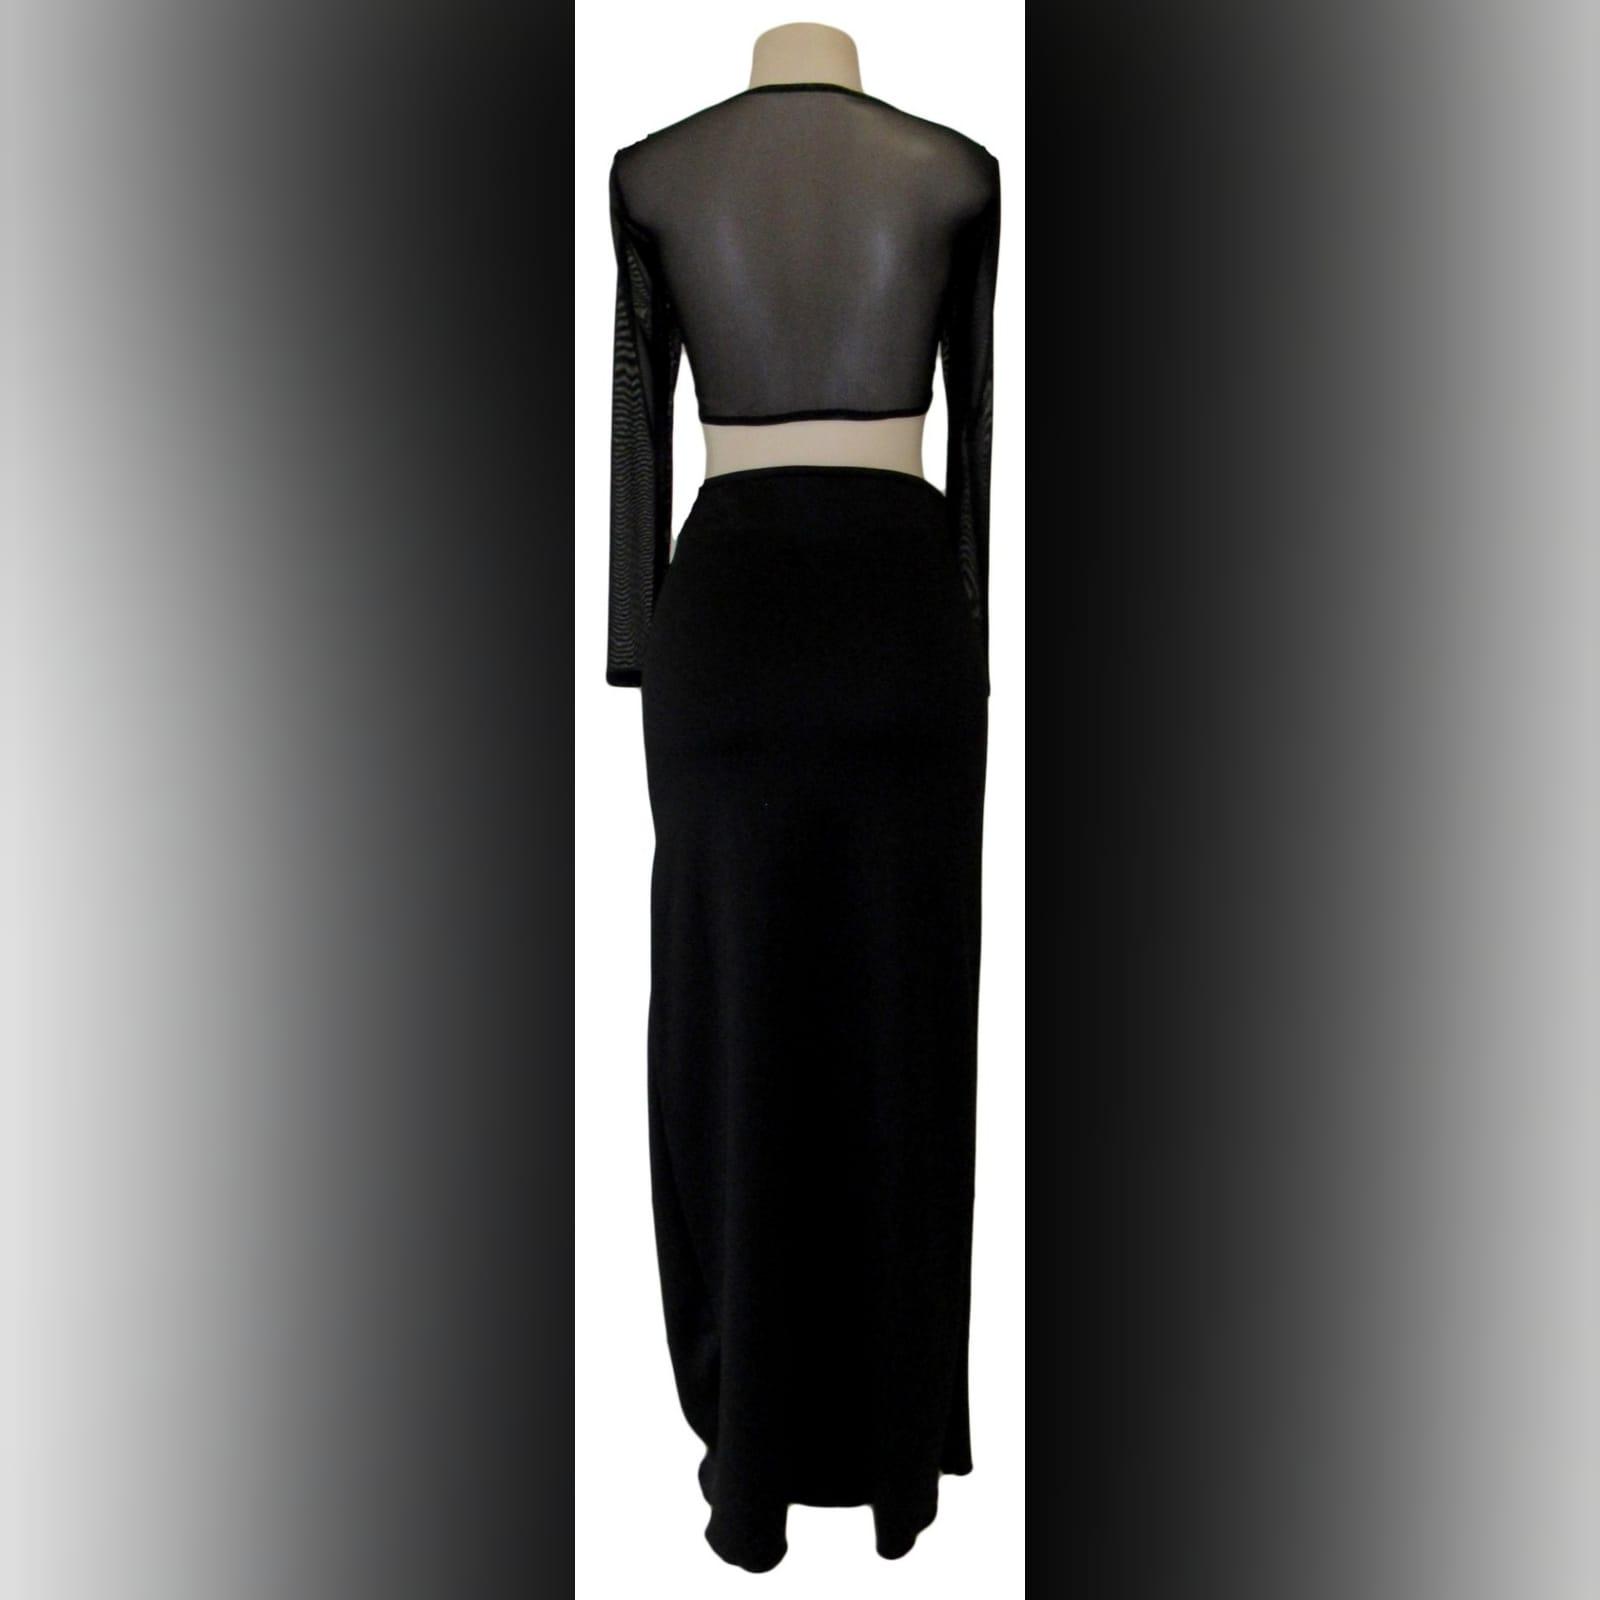 Vestido casual preto de 2 peças 6 vestido casual preto de 2 peças, com um top curto com mangas de malha translúcidas longas, com uma saia longa de lápis com uma racha